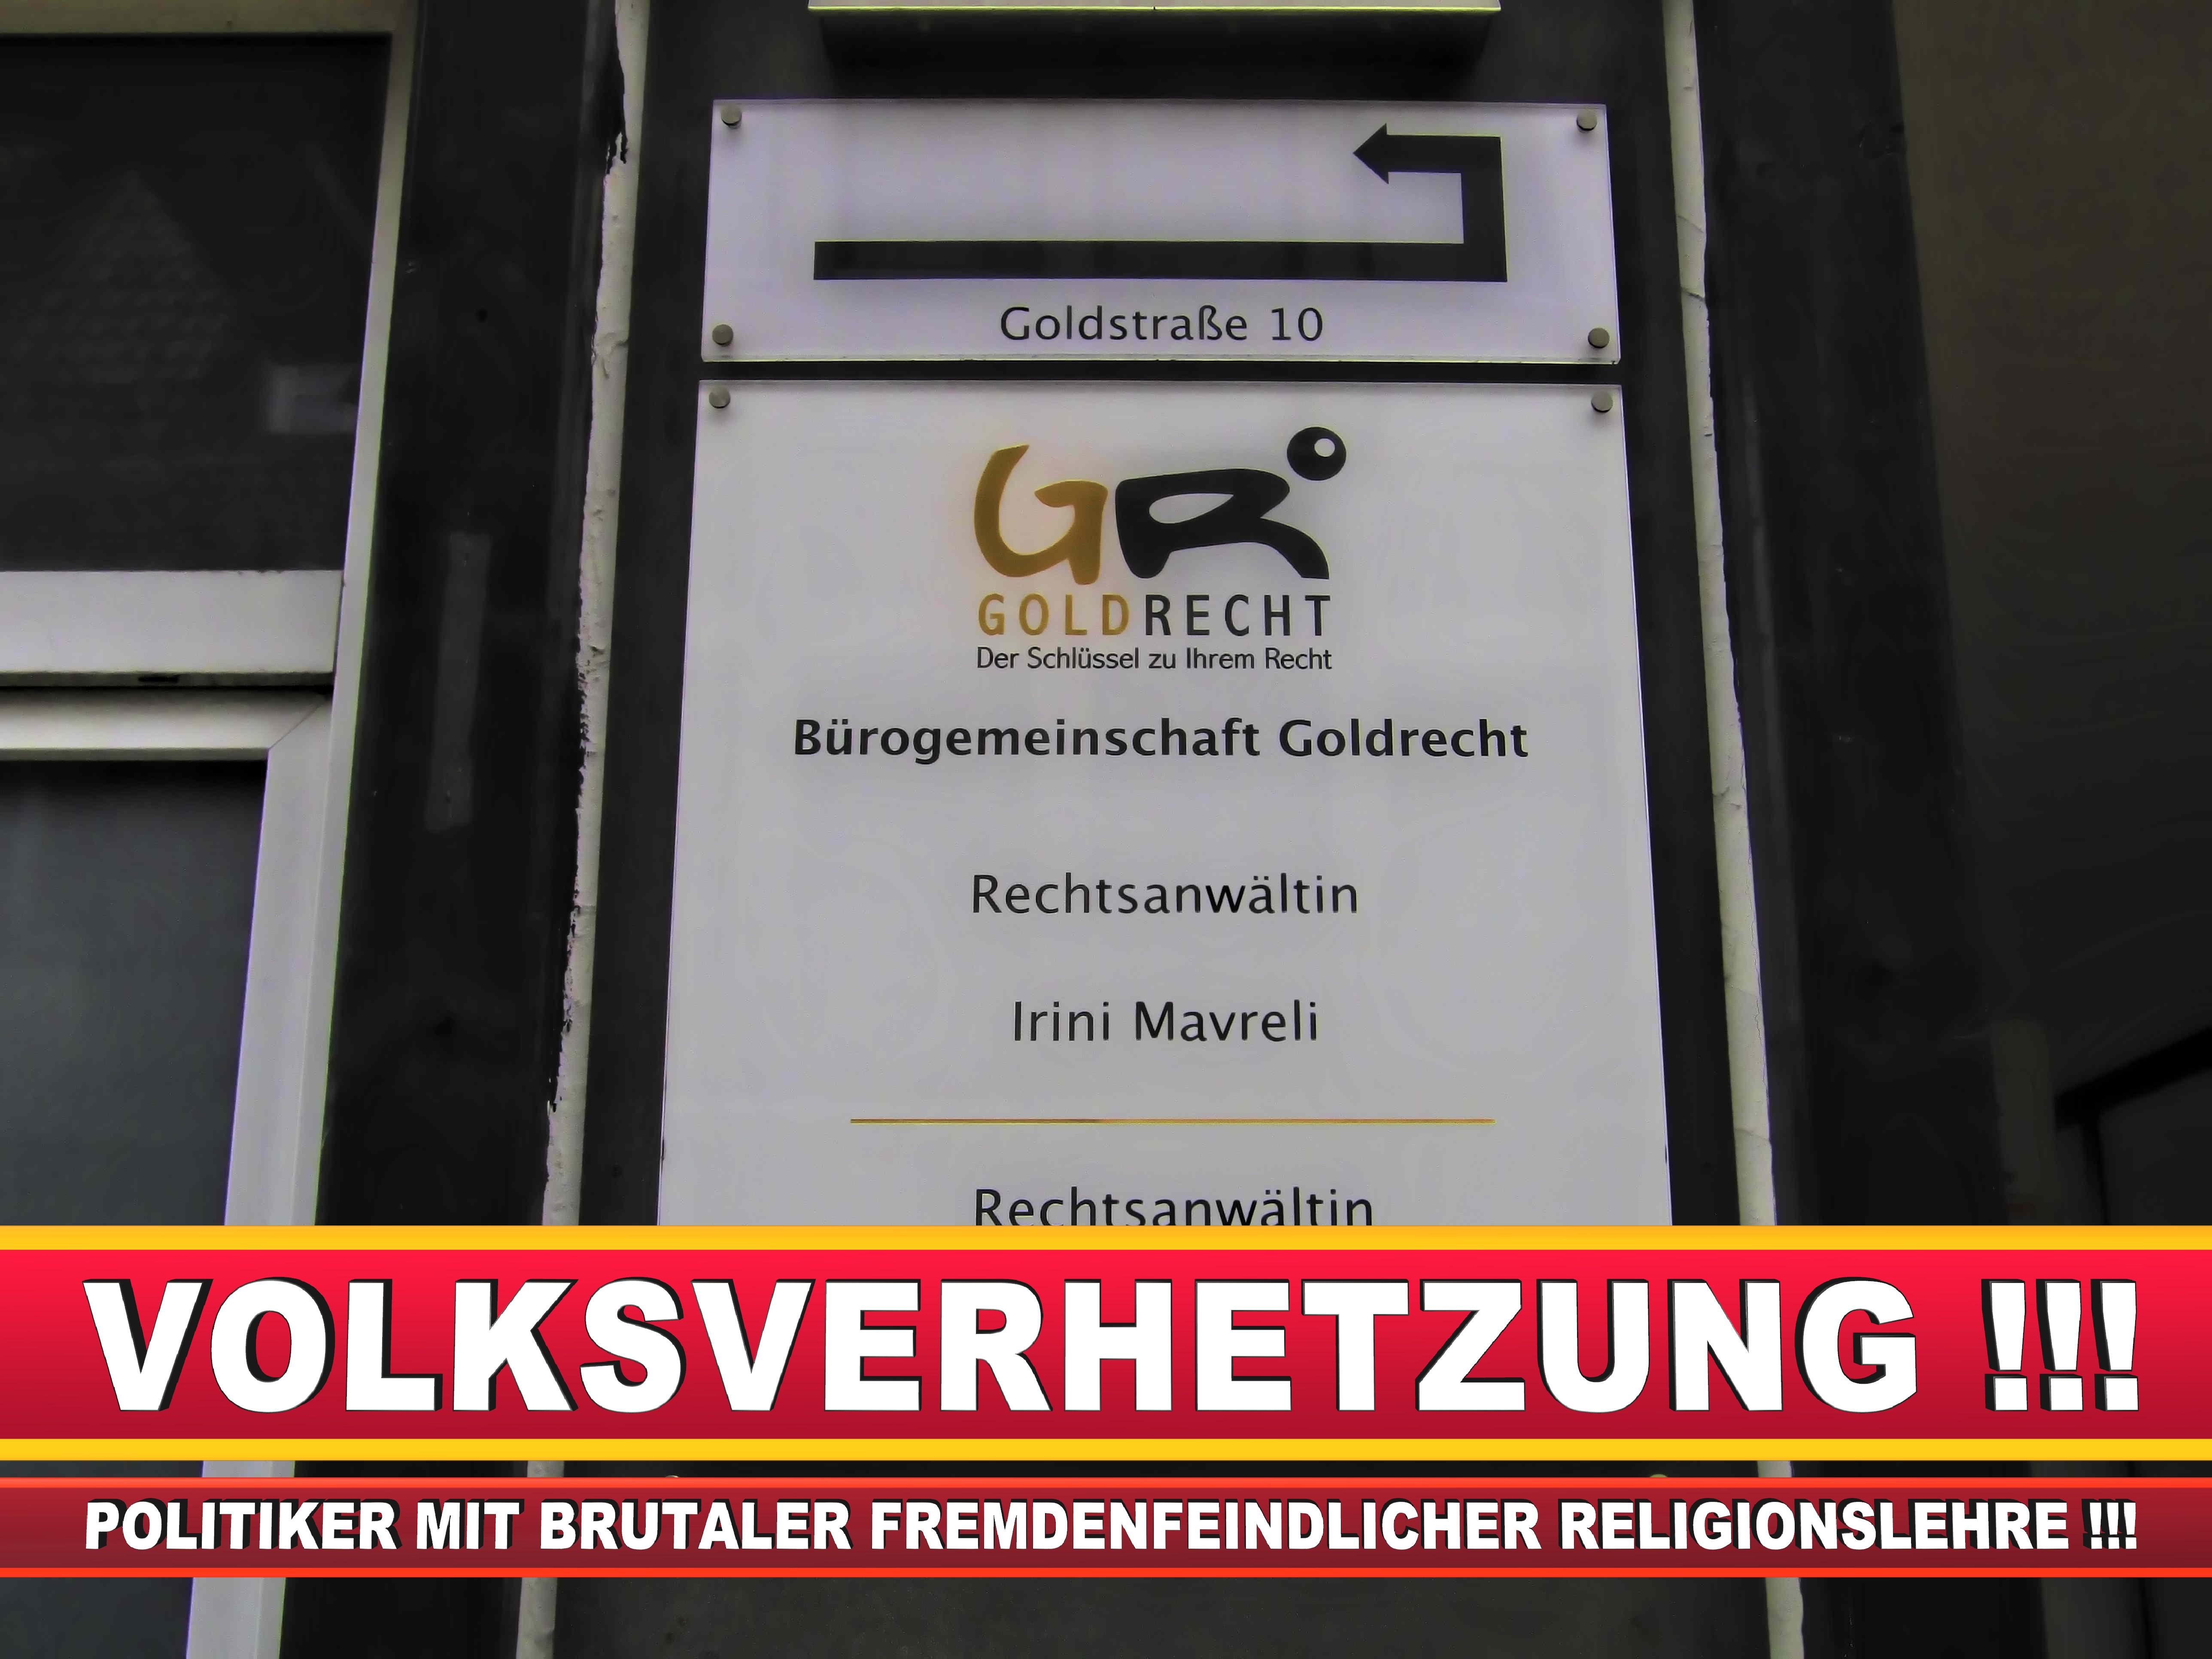 RECHTSANWäLTIN MARTINA FüCHTENHANS BIELEFELD CDU BIELEFELD GOLDRECHT (3)